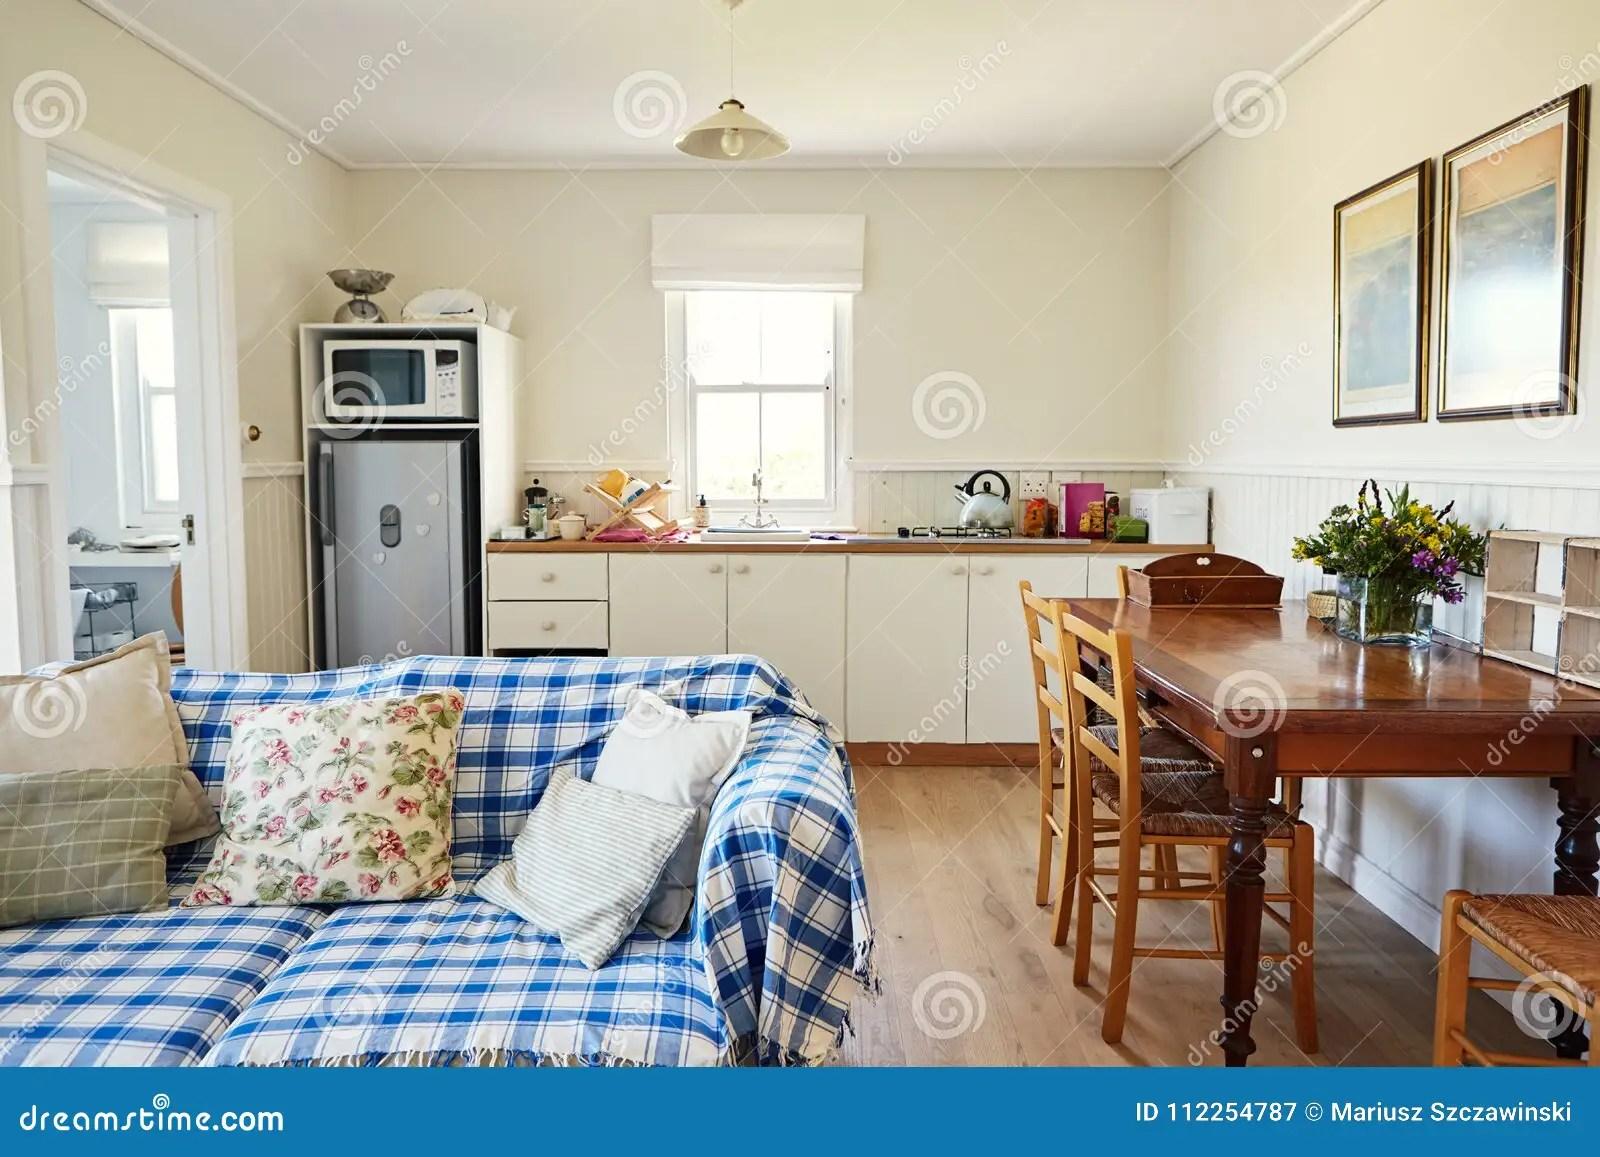 Woonkamer En Keuken : Kleine woonkamer en keuken ineen cheap in keuken woonkamer en in